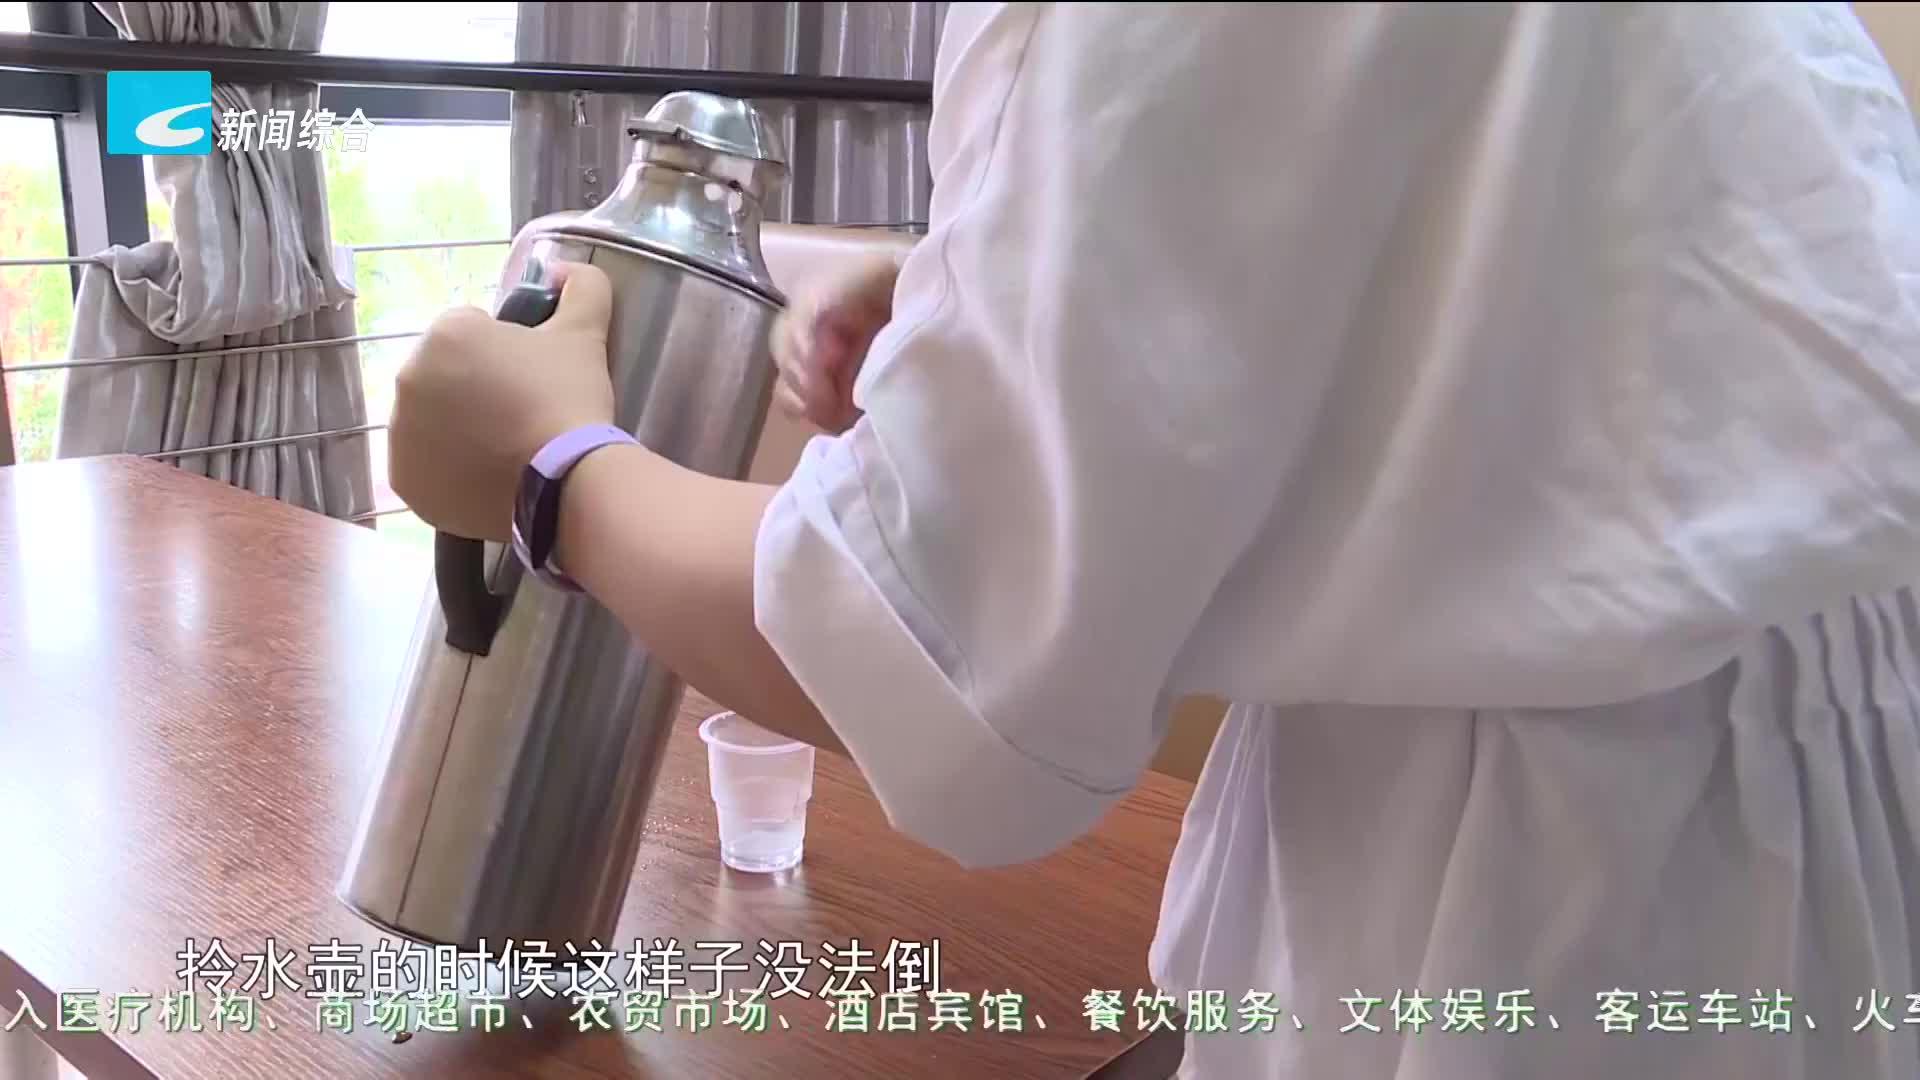 【健康丽水】拧毛巾就手臂疼 可能是得了网球肘